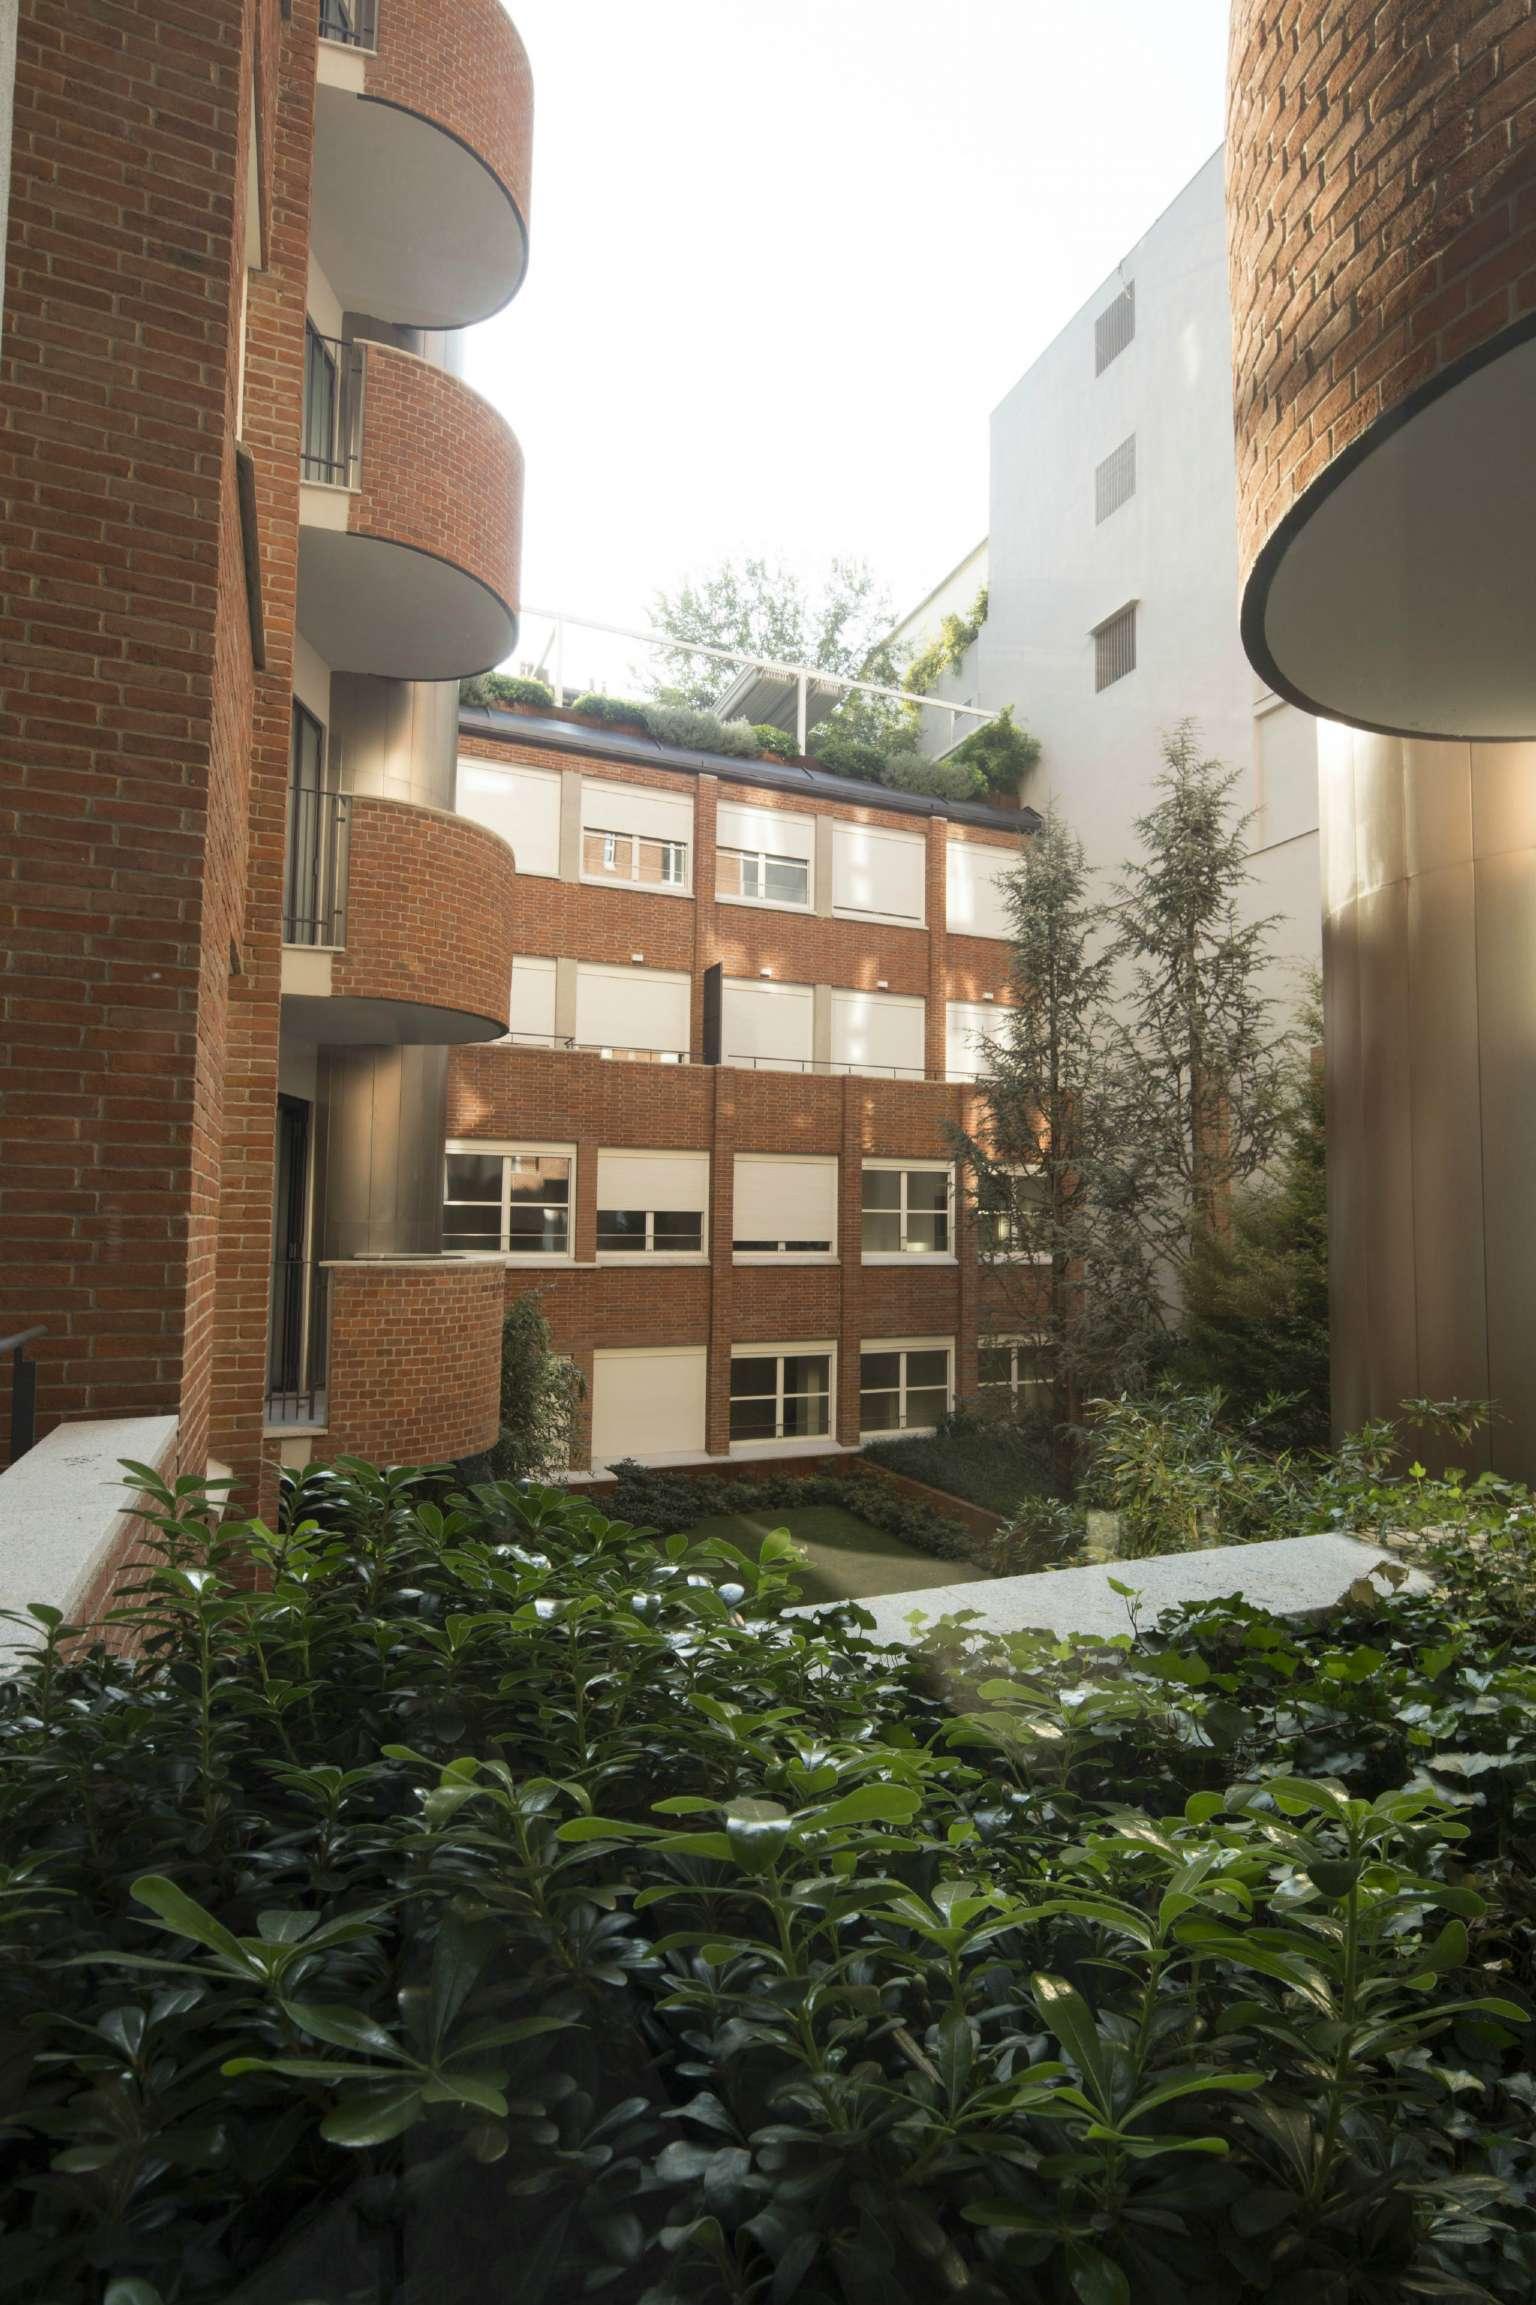 Appartamento in Vendita a Milano 01 Centro storico (Cerchia dei Navigli):  2 locali, 82 mq  - Foto 1